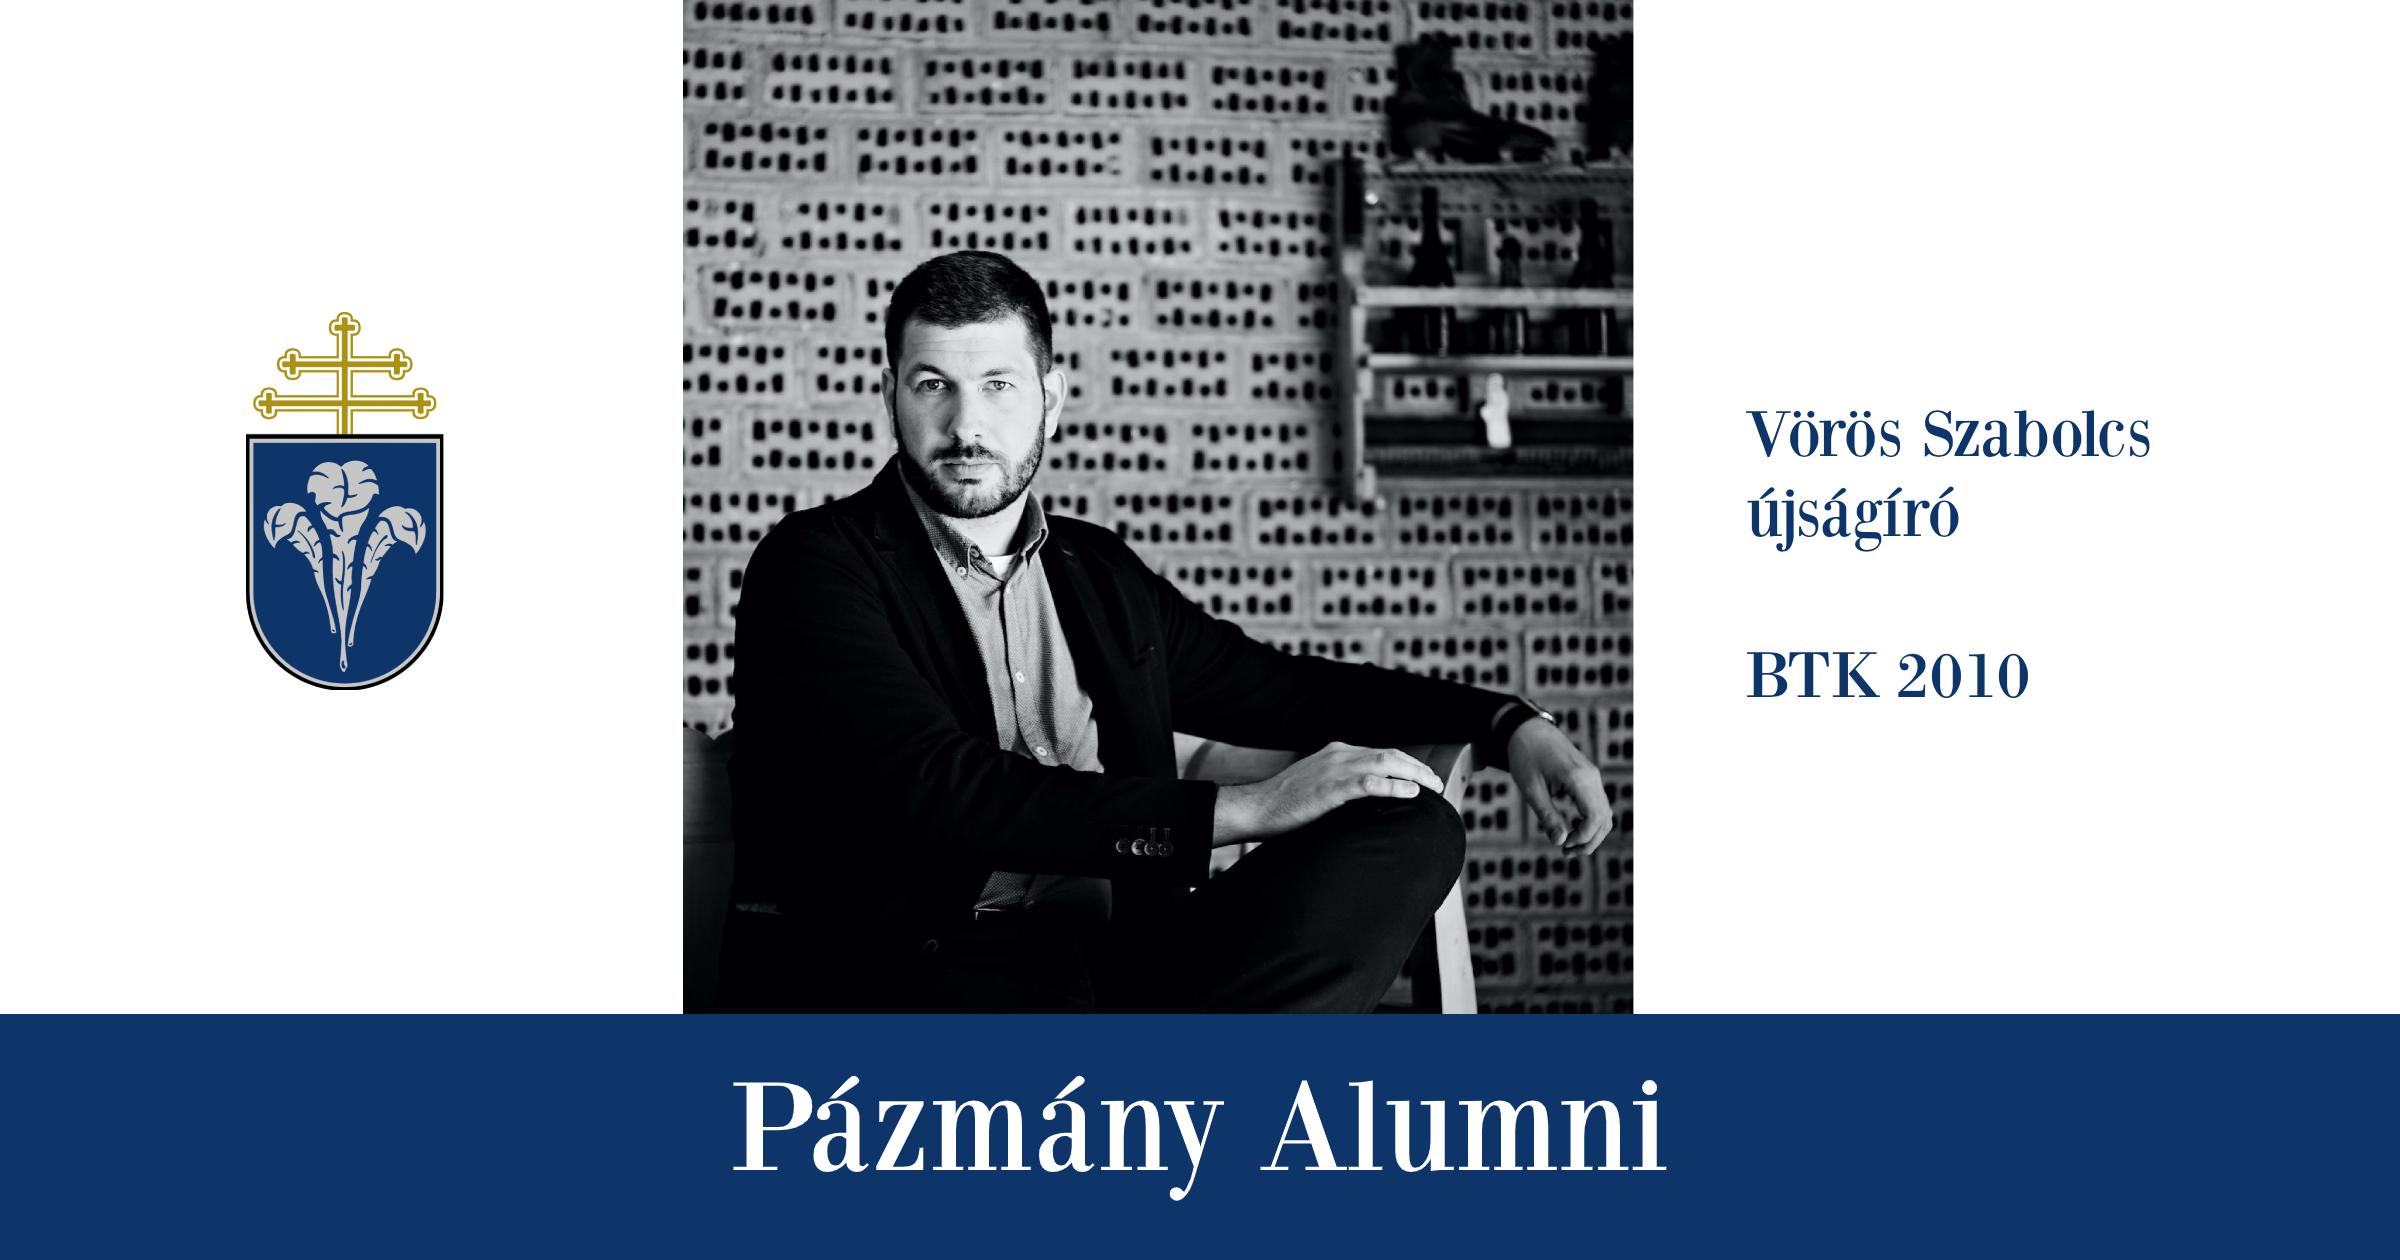 Pázmány Alumni: interjú Vörös Szabolccsal, az BTK egykori hallgatójával